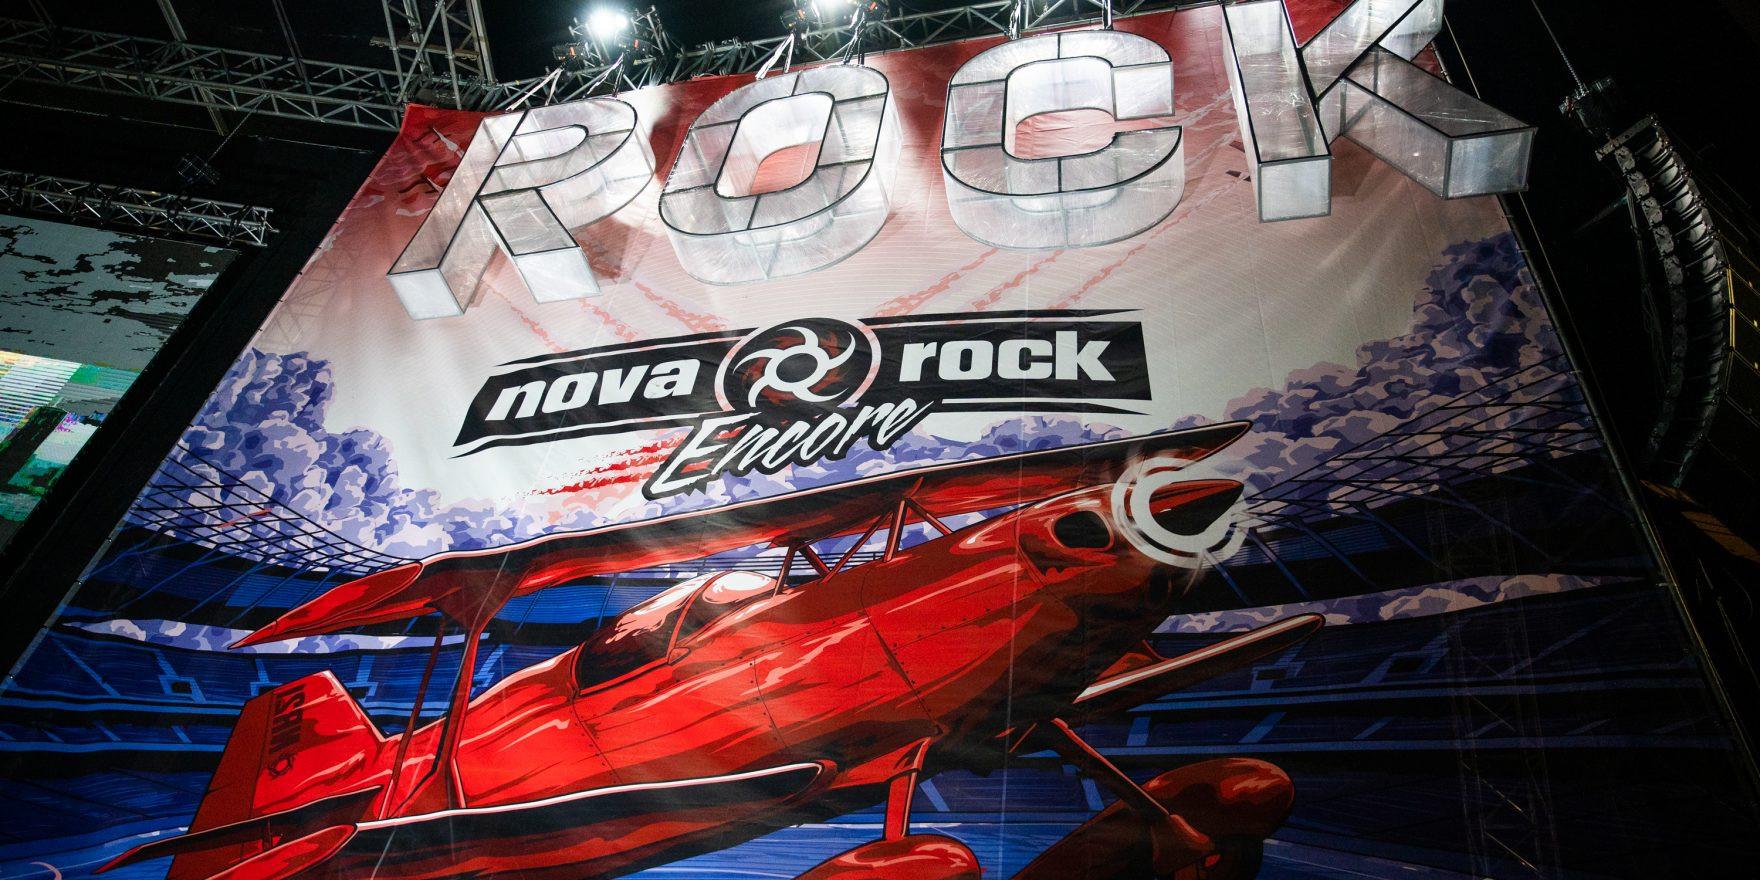 Nova Rock Encore